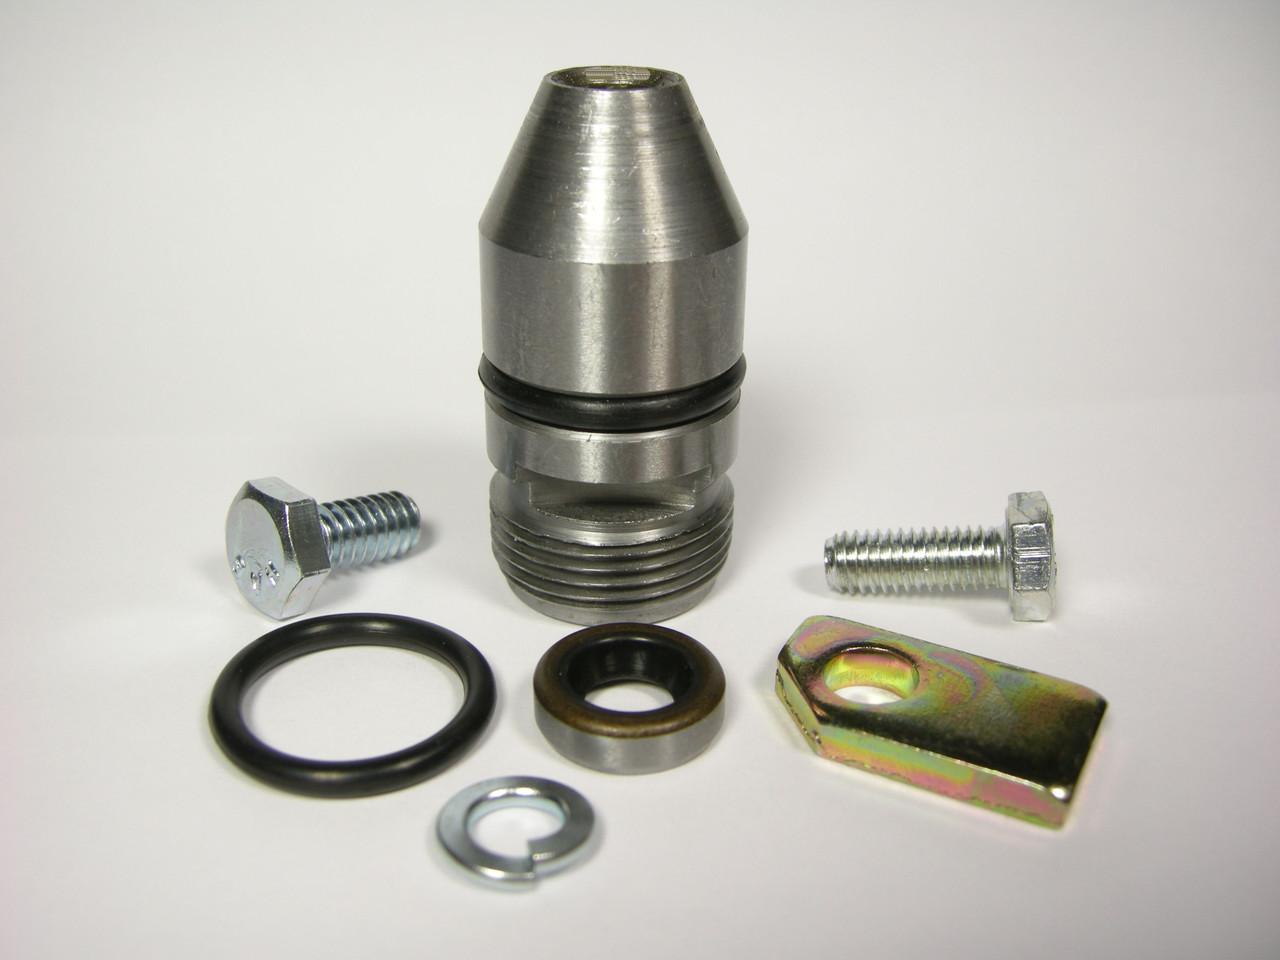 Aluminum Powerglide Speedo Housing Kit w/ Extra Seals & Retainer Bracket Speedometer Aluminum Powerglide